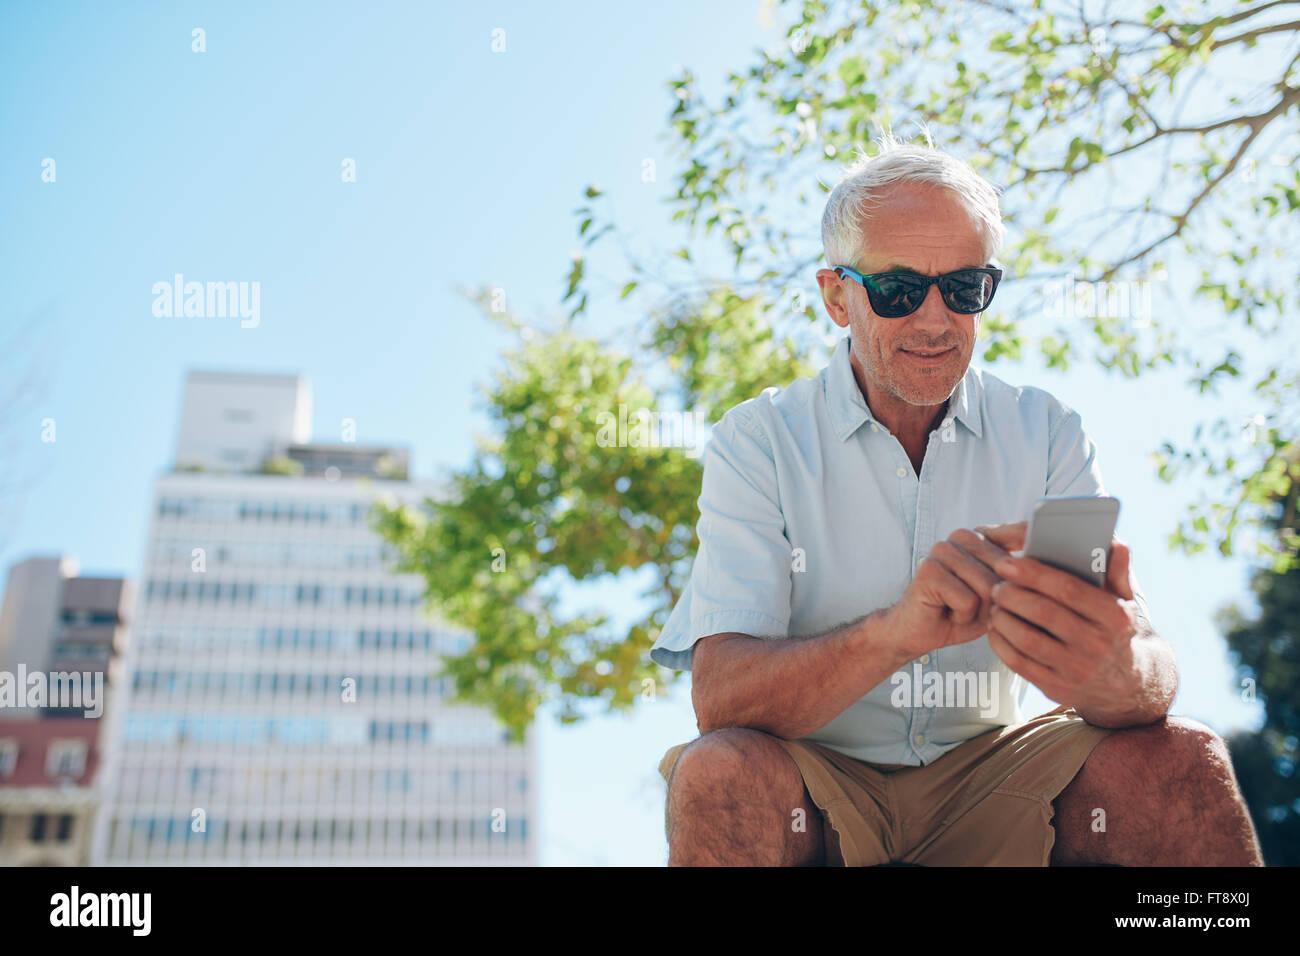 Basso angolo di visione dell uomo maturo seduti all'aperto utilizzando il telefono cellulare. Turismo maturo Immagini Stock